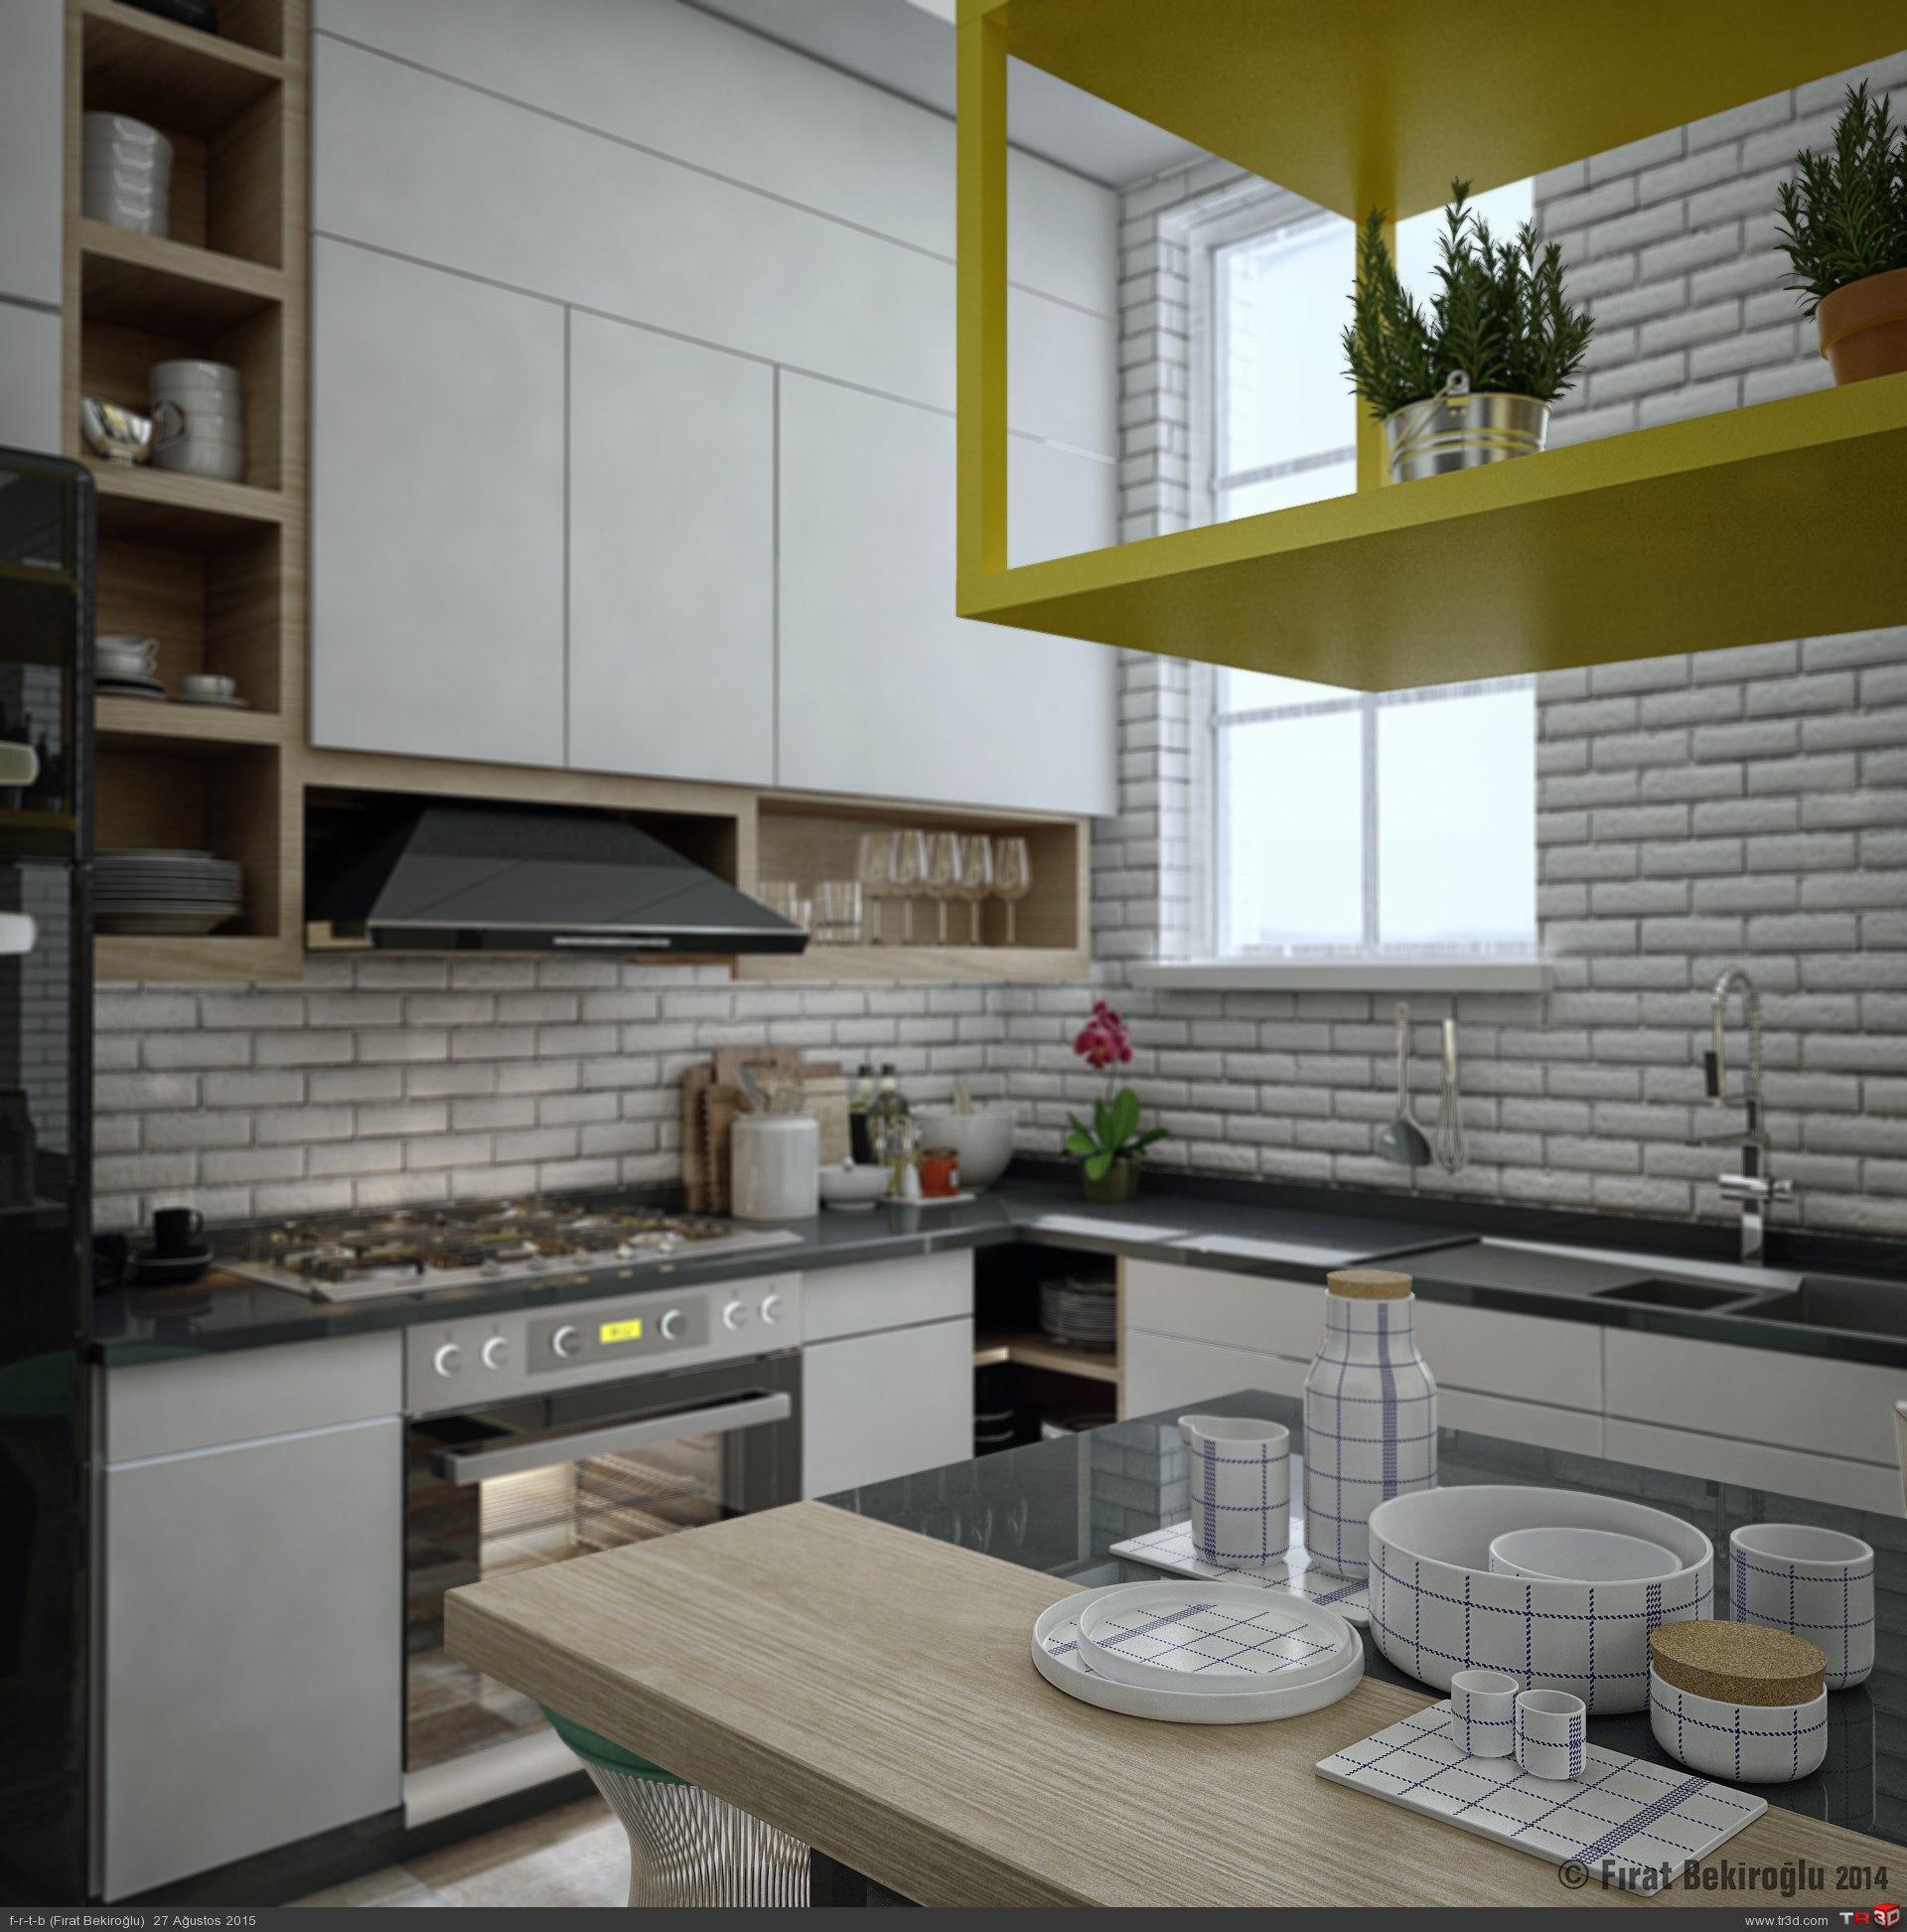 Sinpaş İncek Life-Mutfak Tasarımı 2